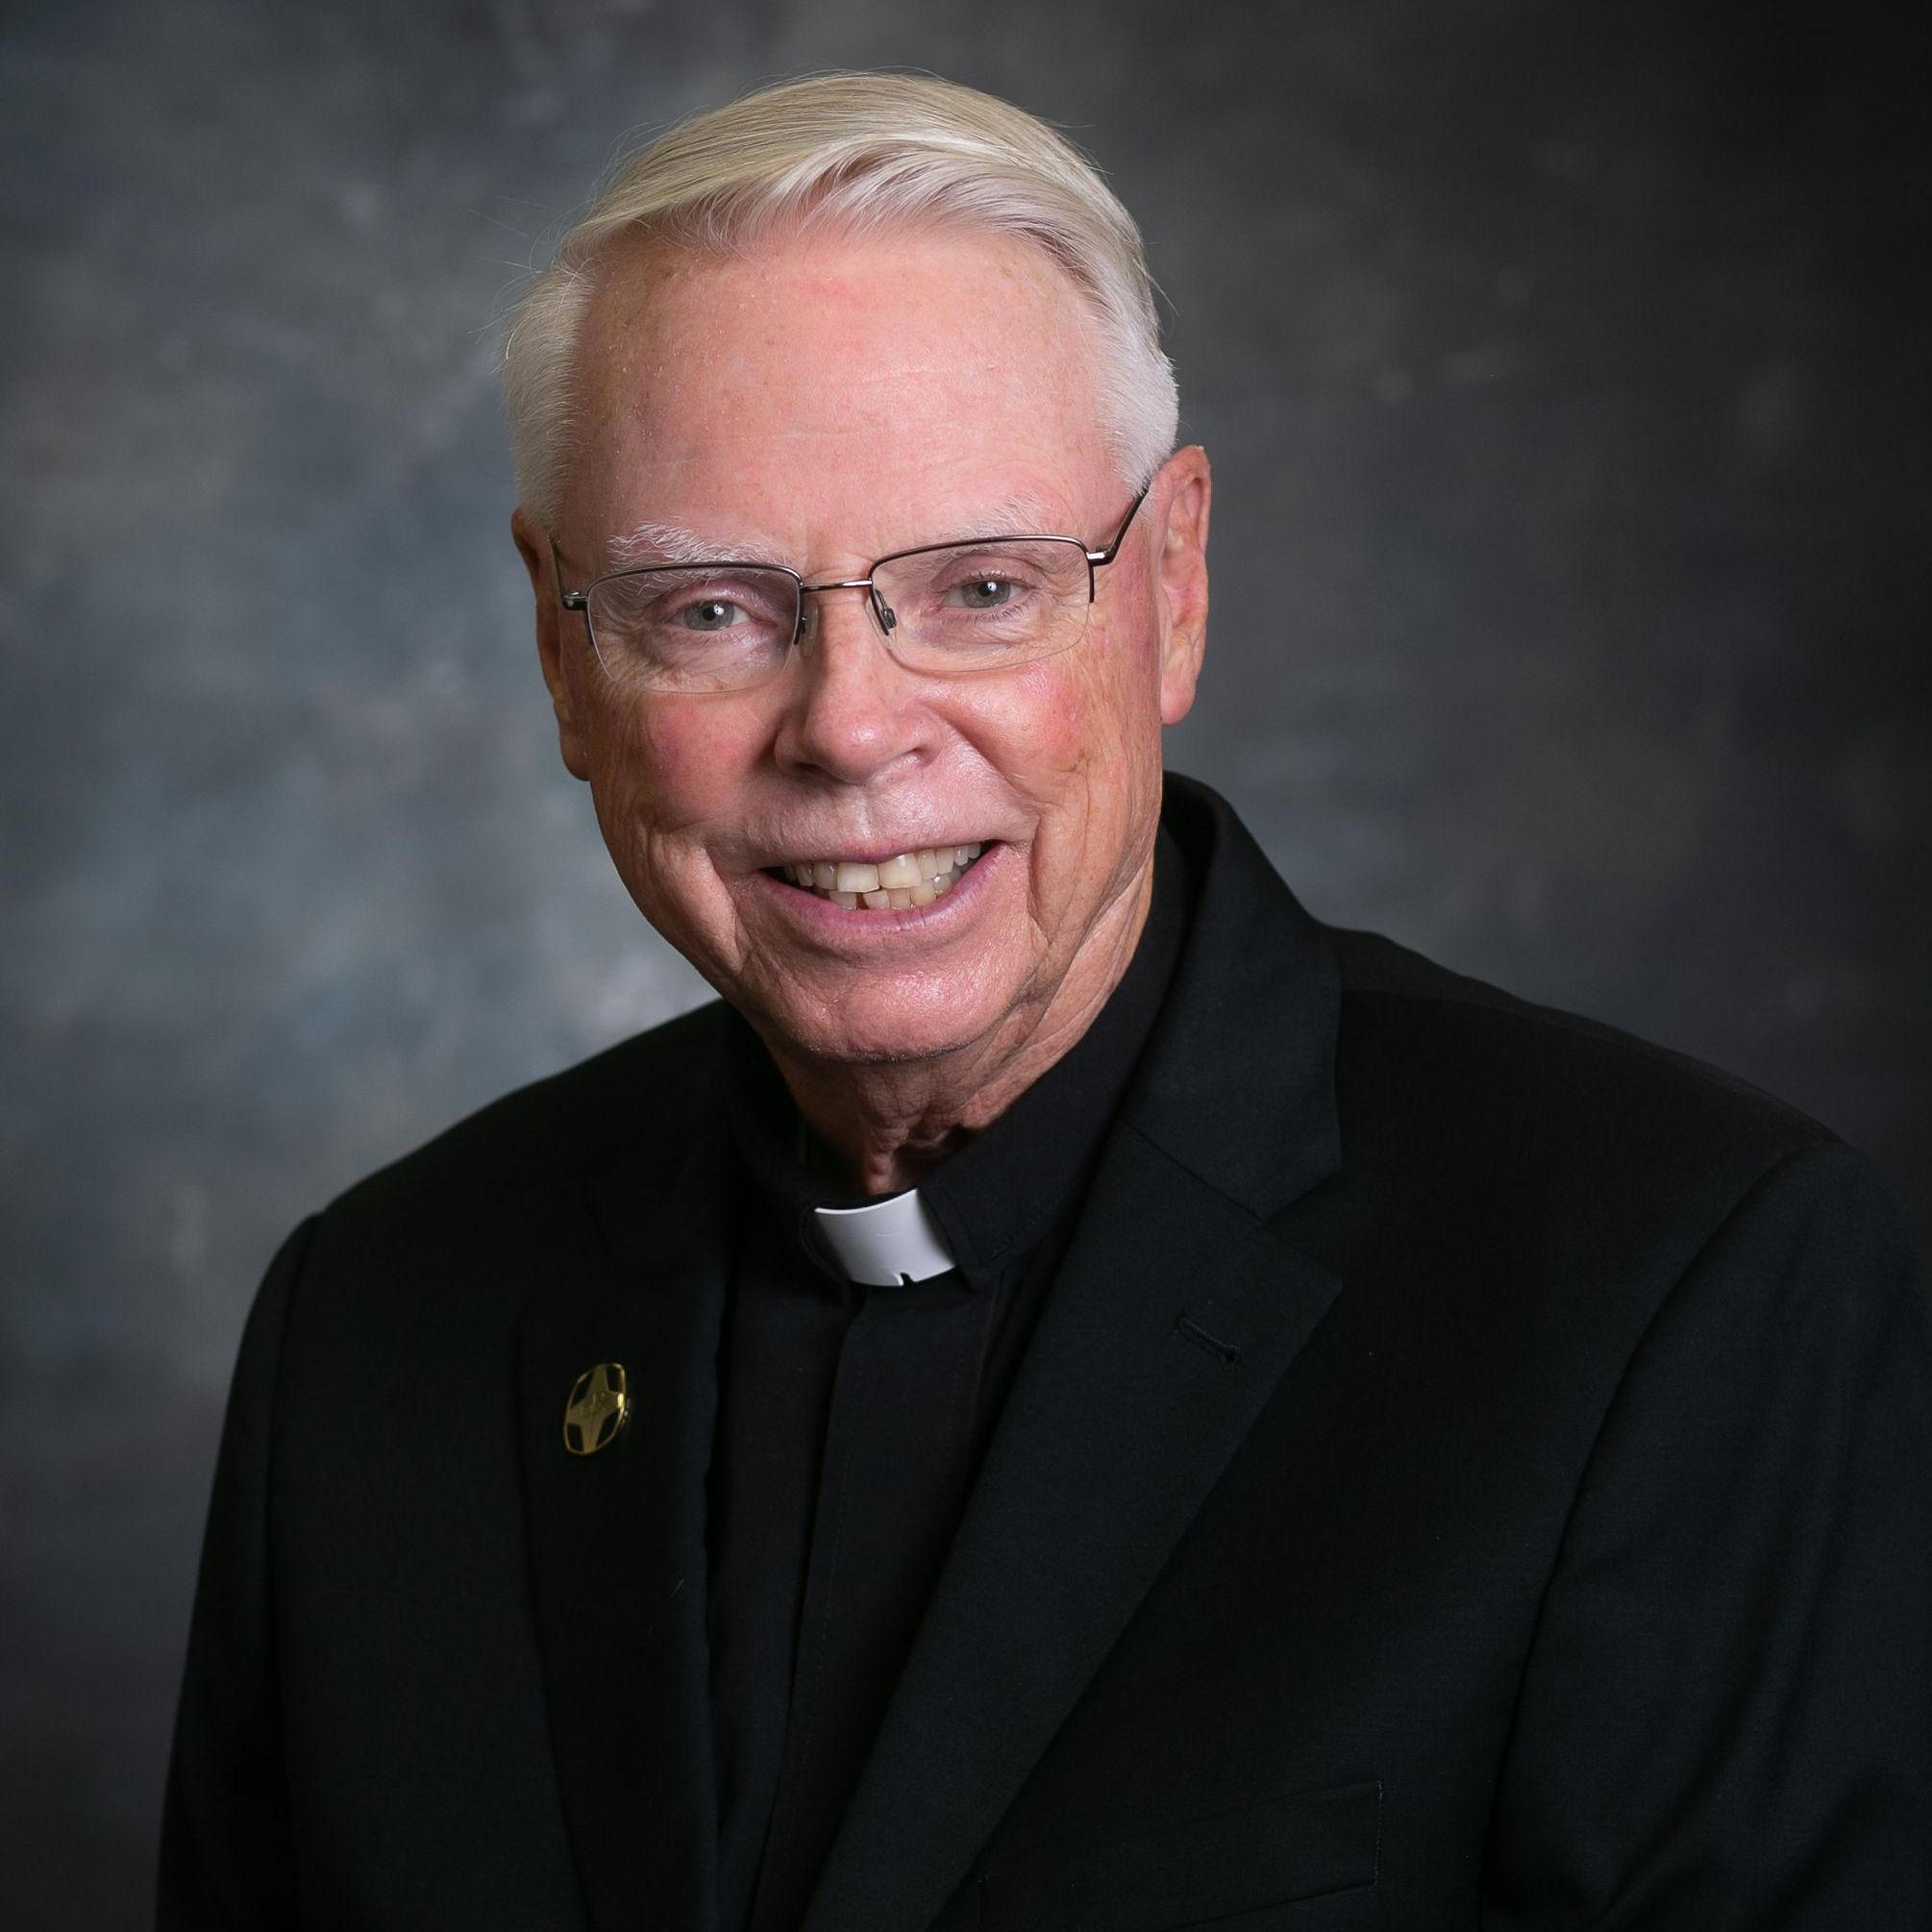 Brother Brian Davis, C.F.X's Profile Photo